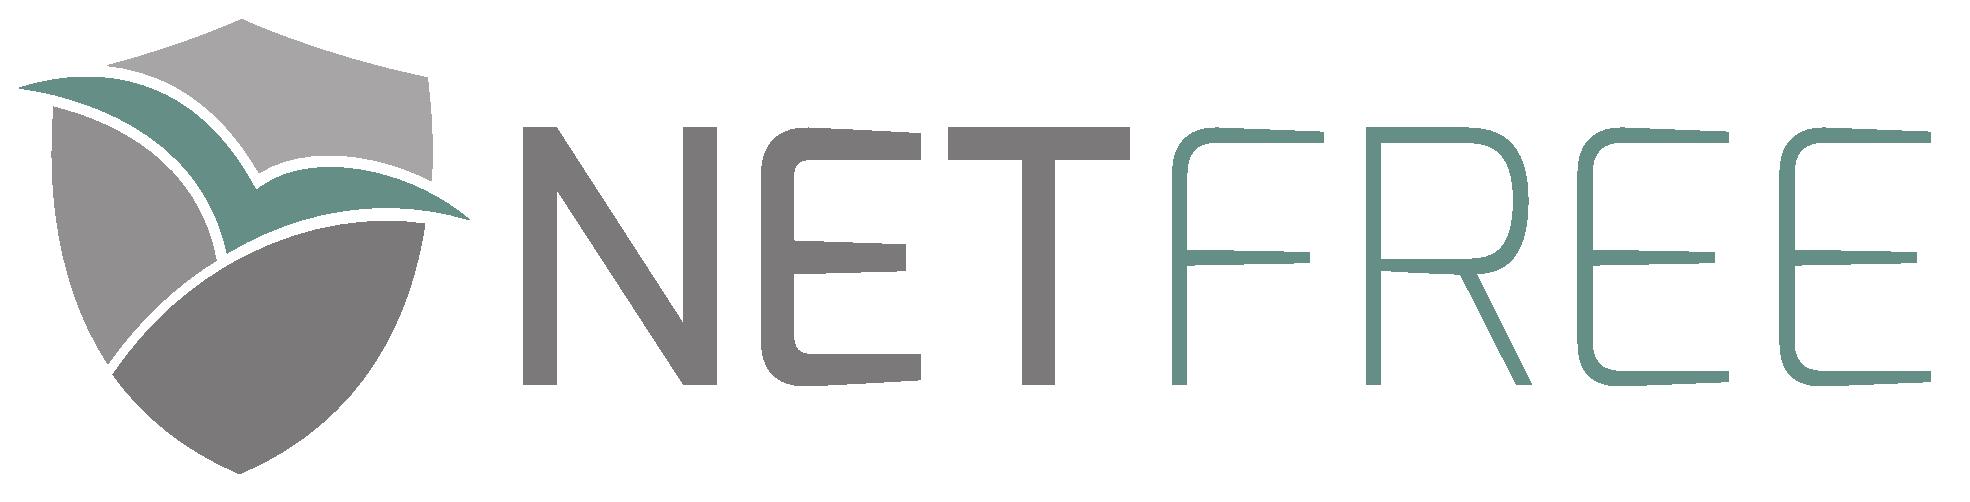 Netfree logo.png